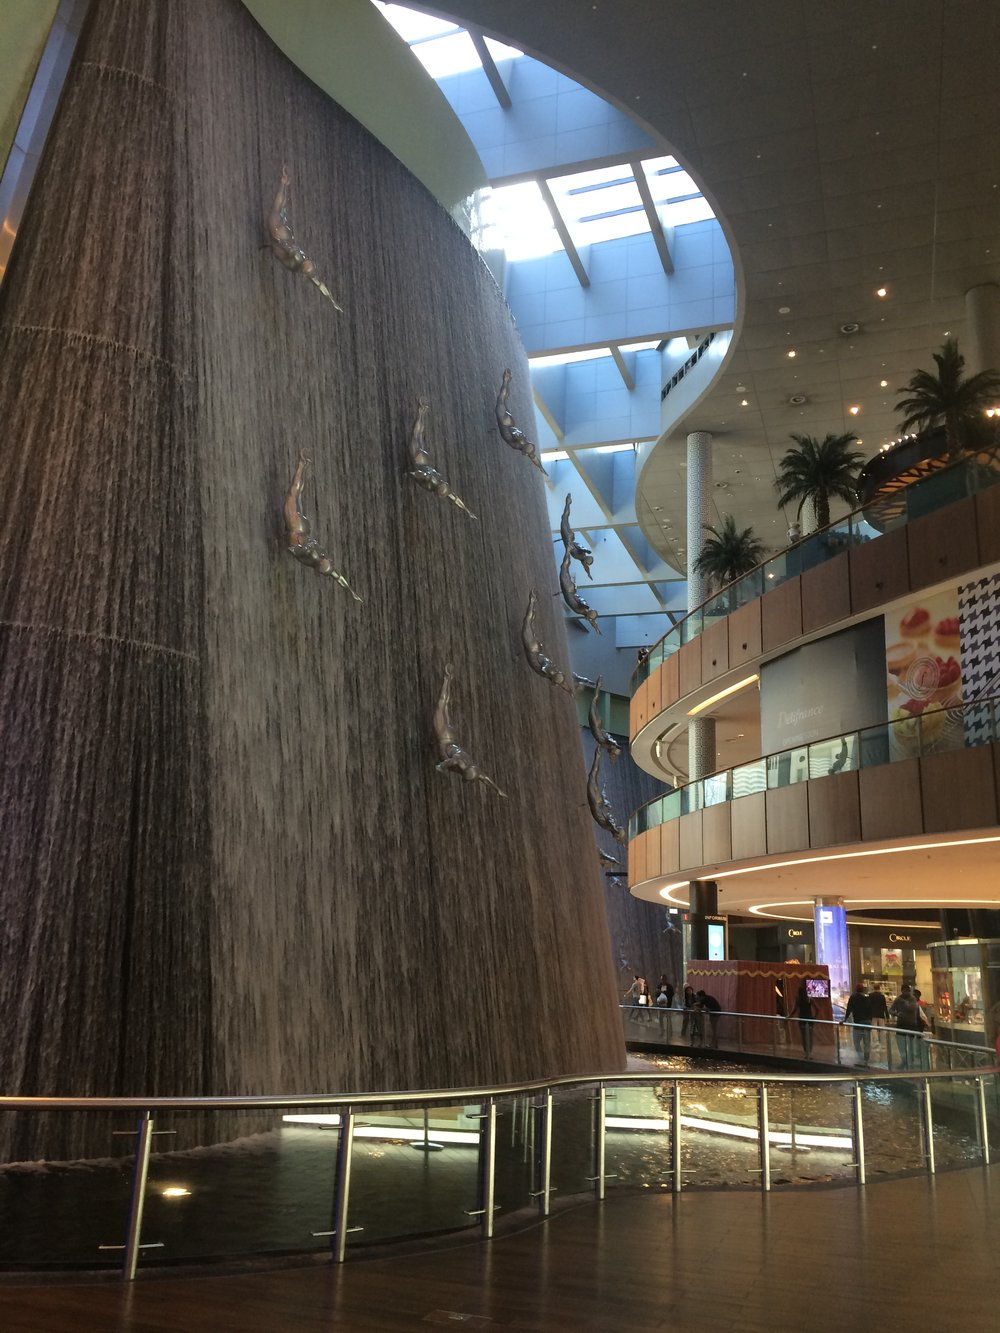 Słynny wodospad ze skoczkami (Human Waterfalls).